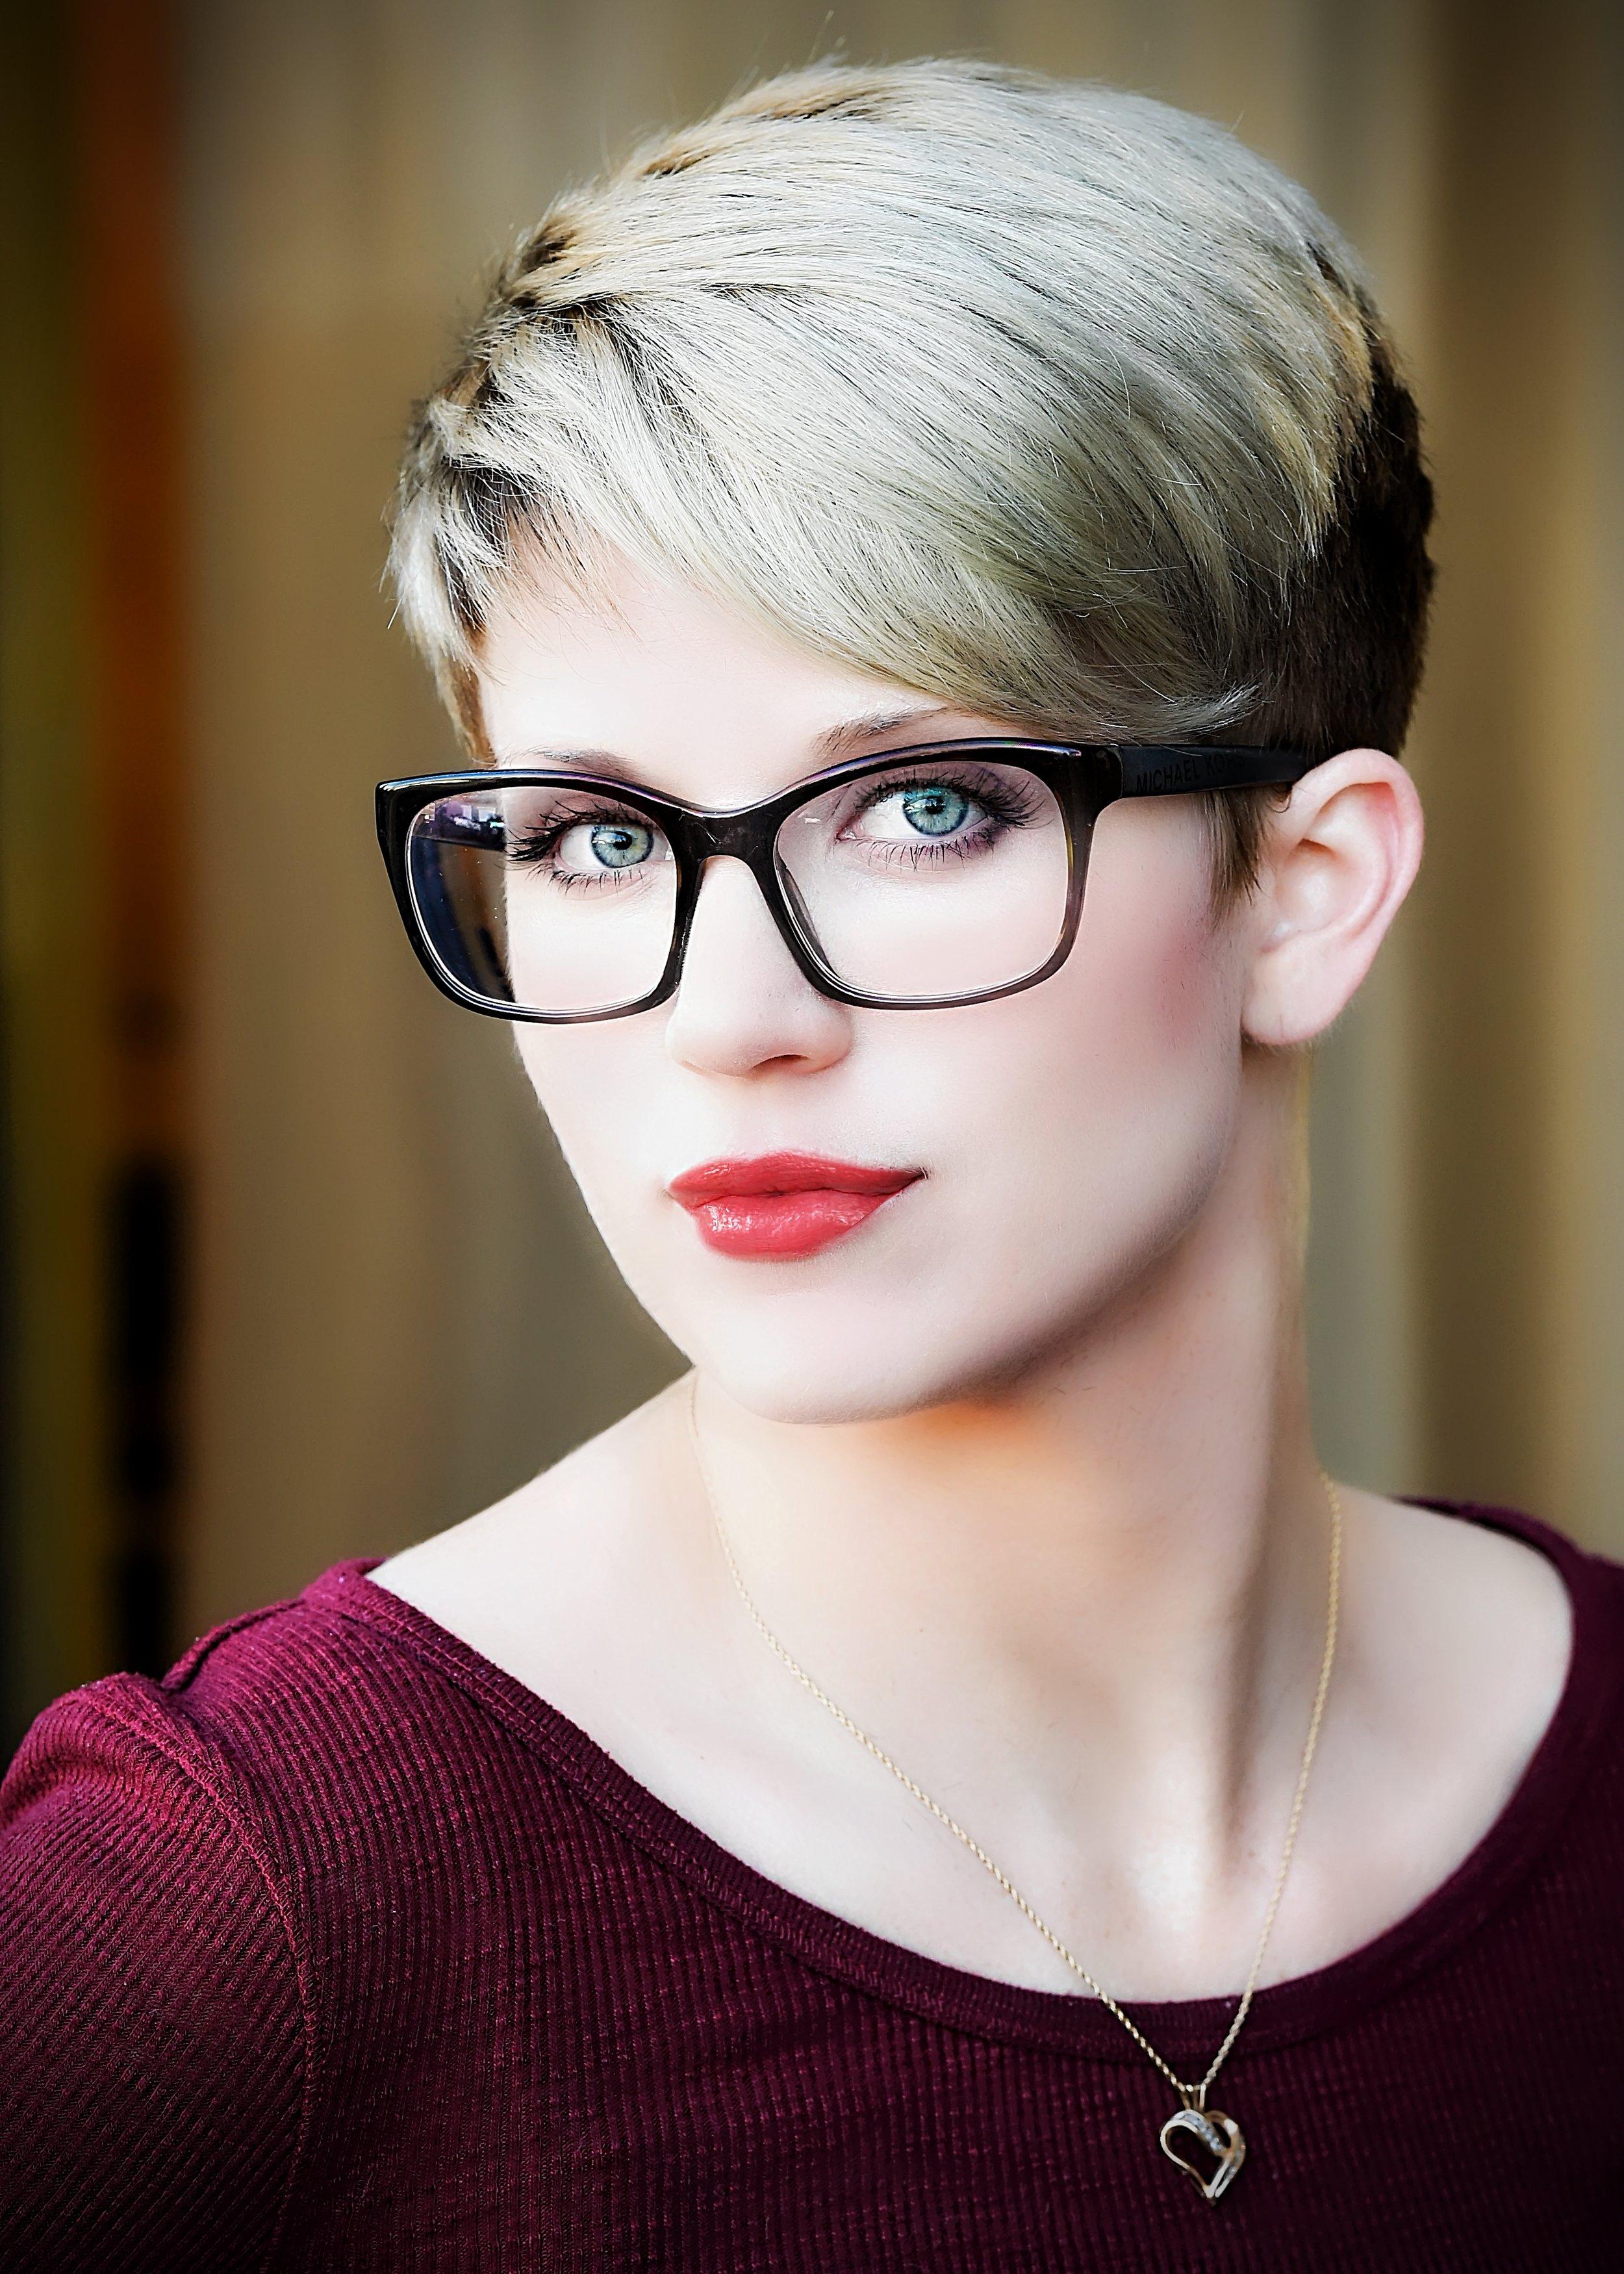 Danelle_Mar17-0361-edit_pp-mu1+hair_pp_pe-modelglow2-portraitenhance-landscapegradientvignette.jpg